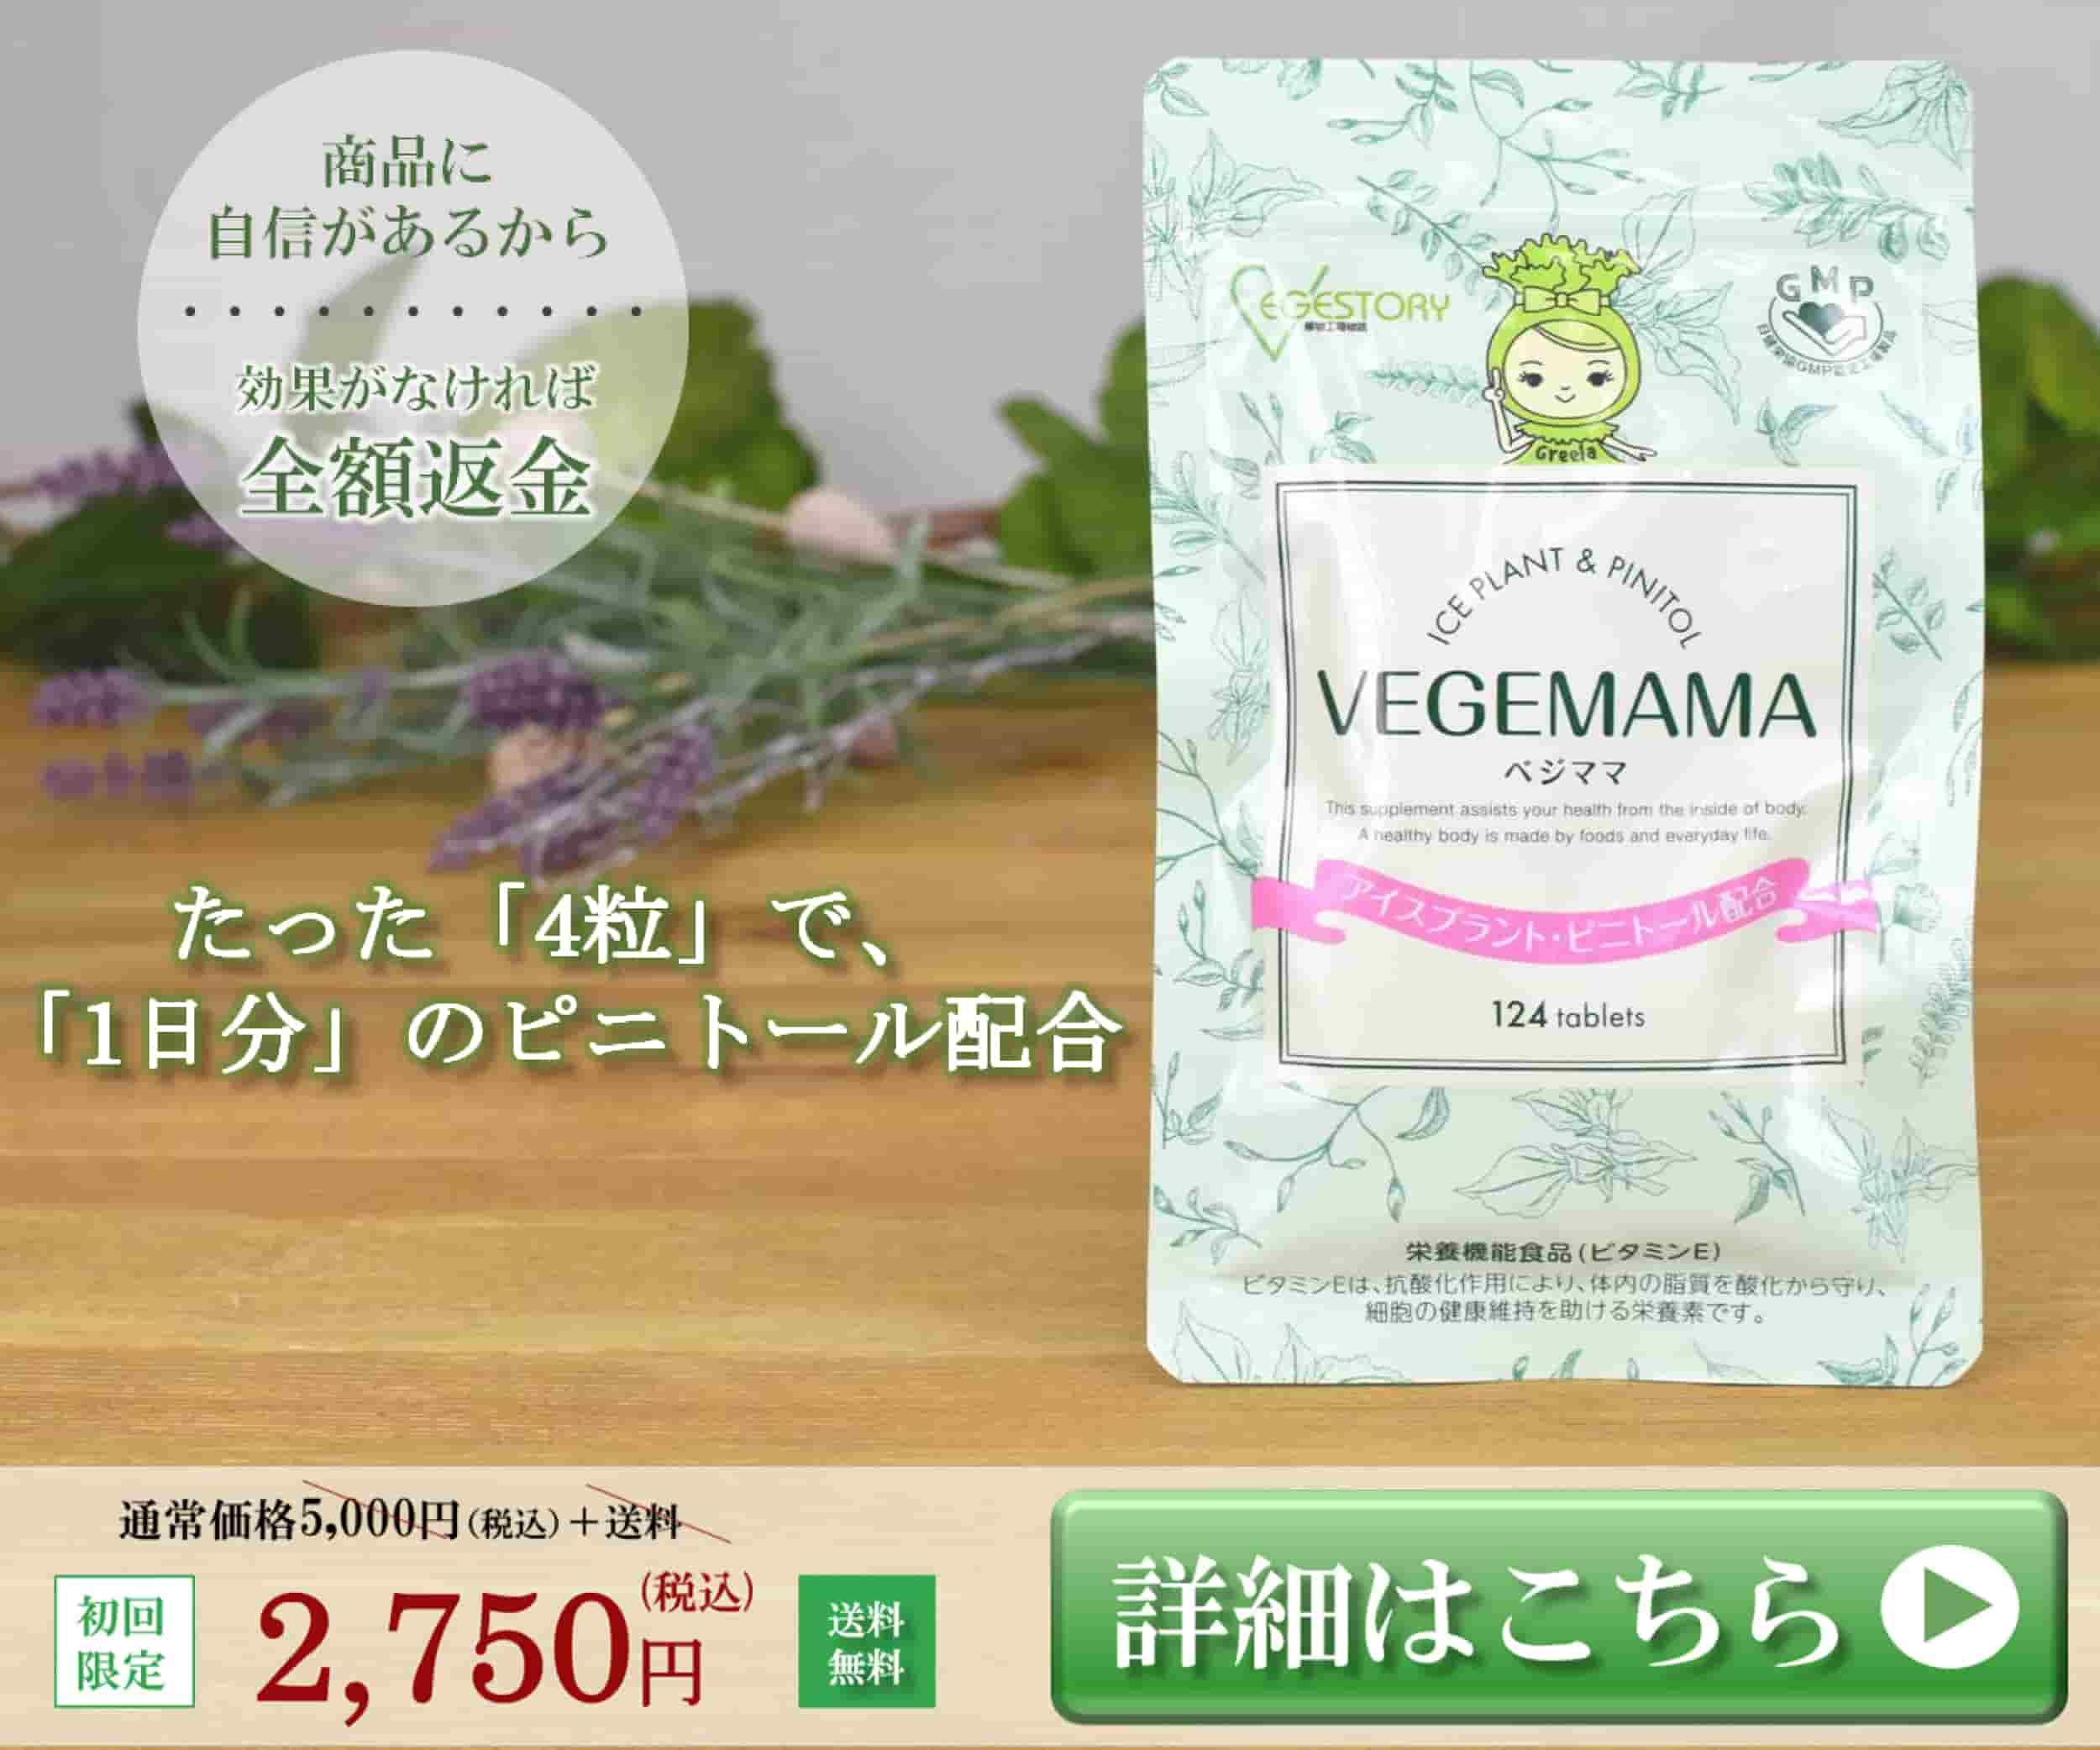 vegemama_banner600500-min